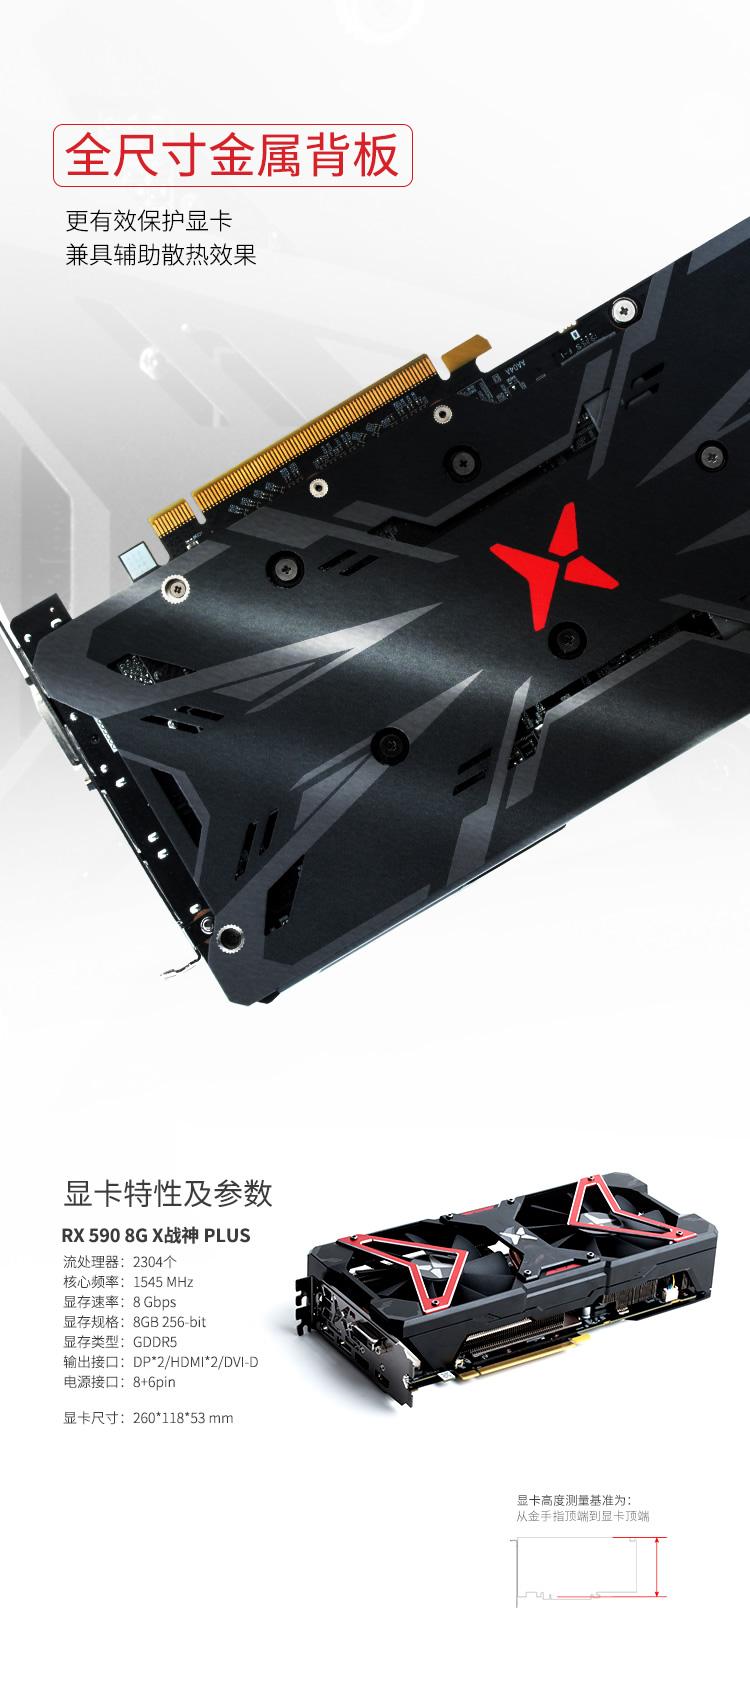 迪蘭 RX 590 8G X 戰神 PLUS